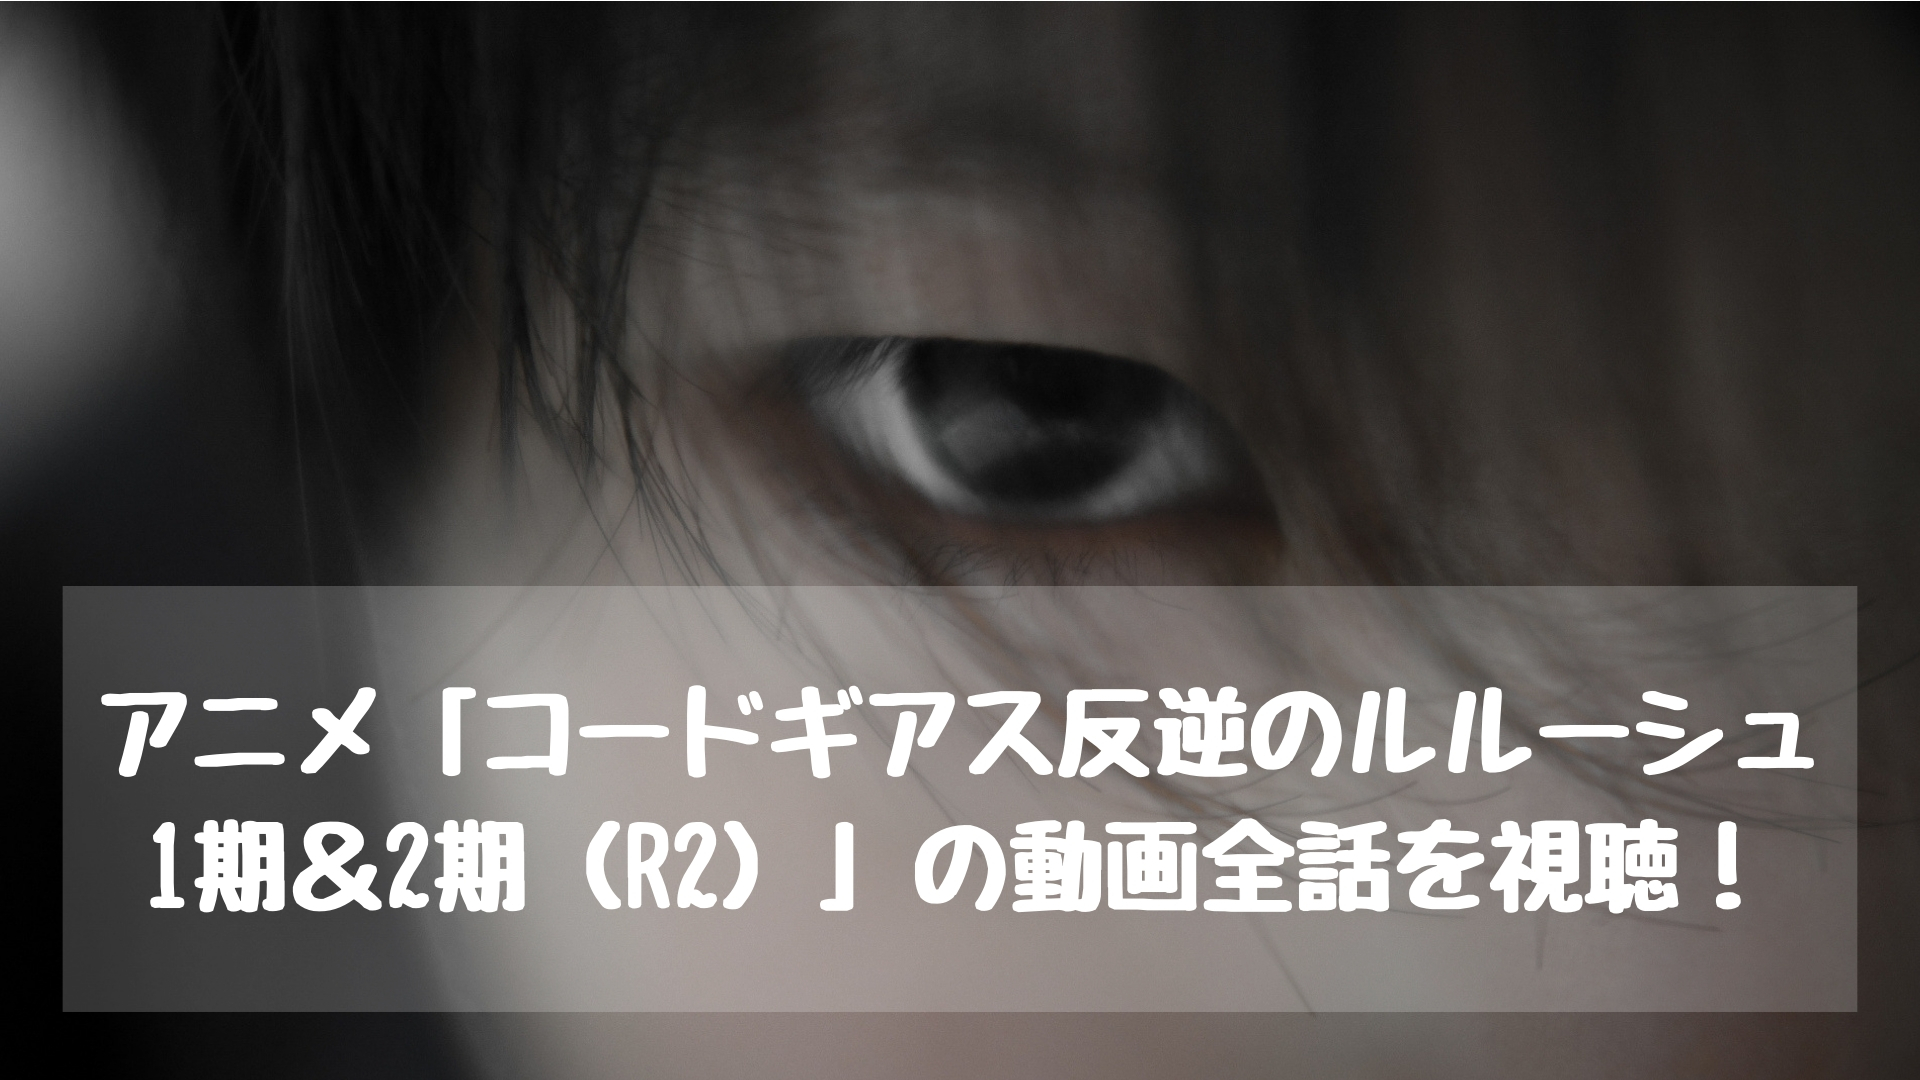 アニメ「コードギアス反逆のルルーシュ1期&2期(R2)」の動画全話を視聴